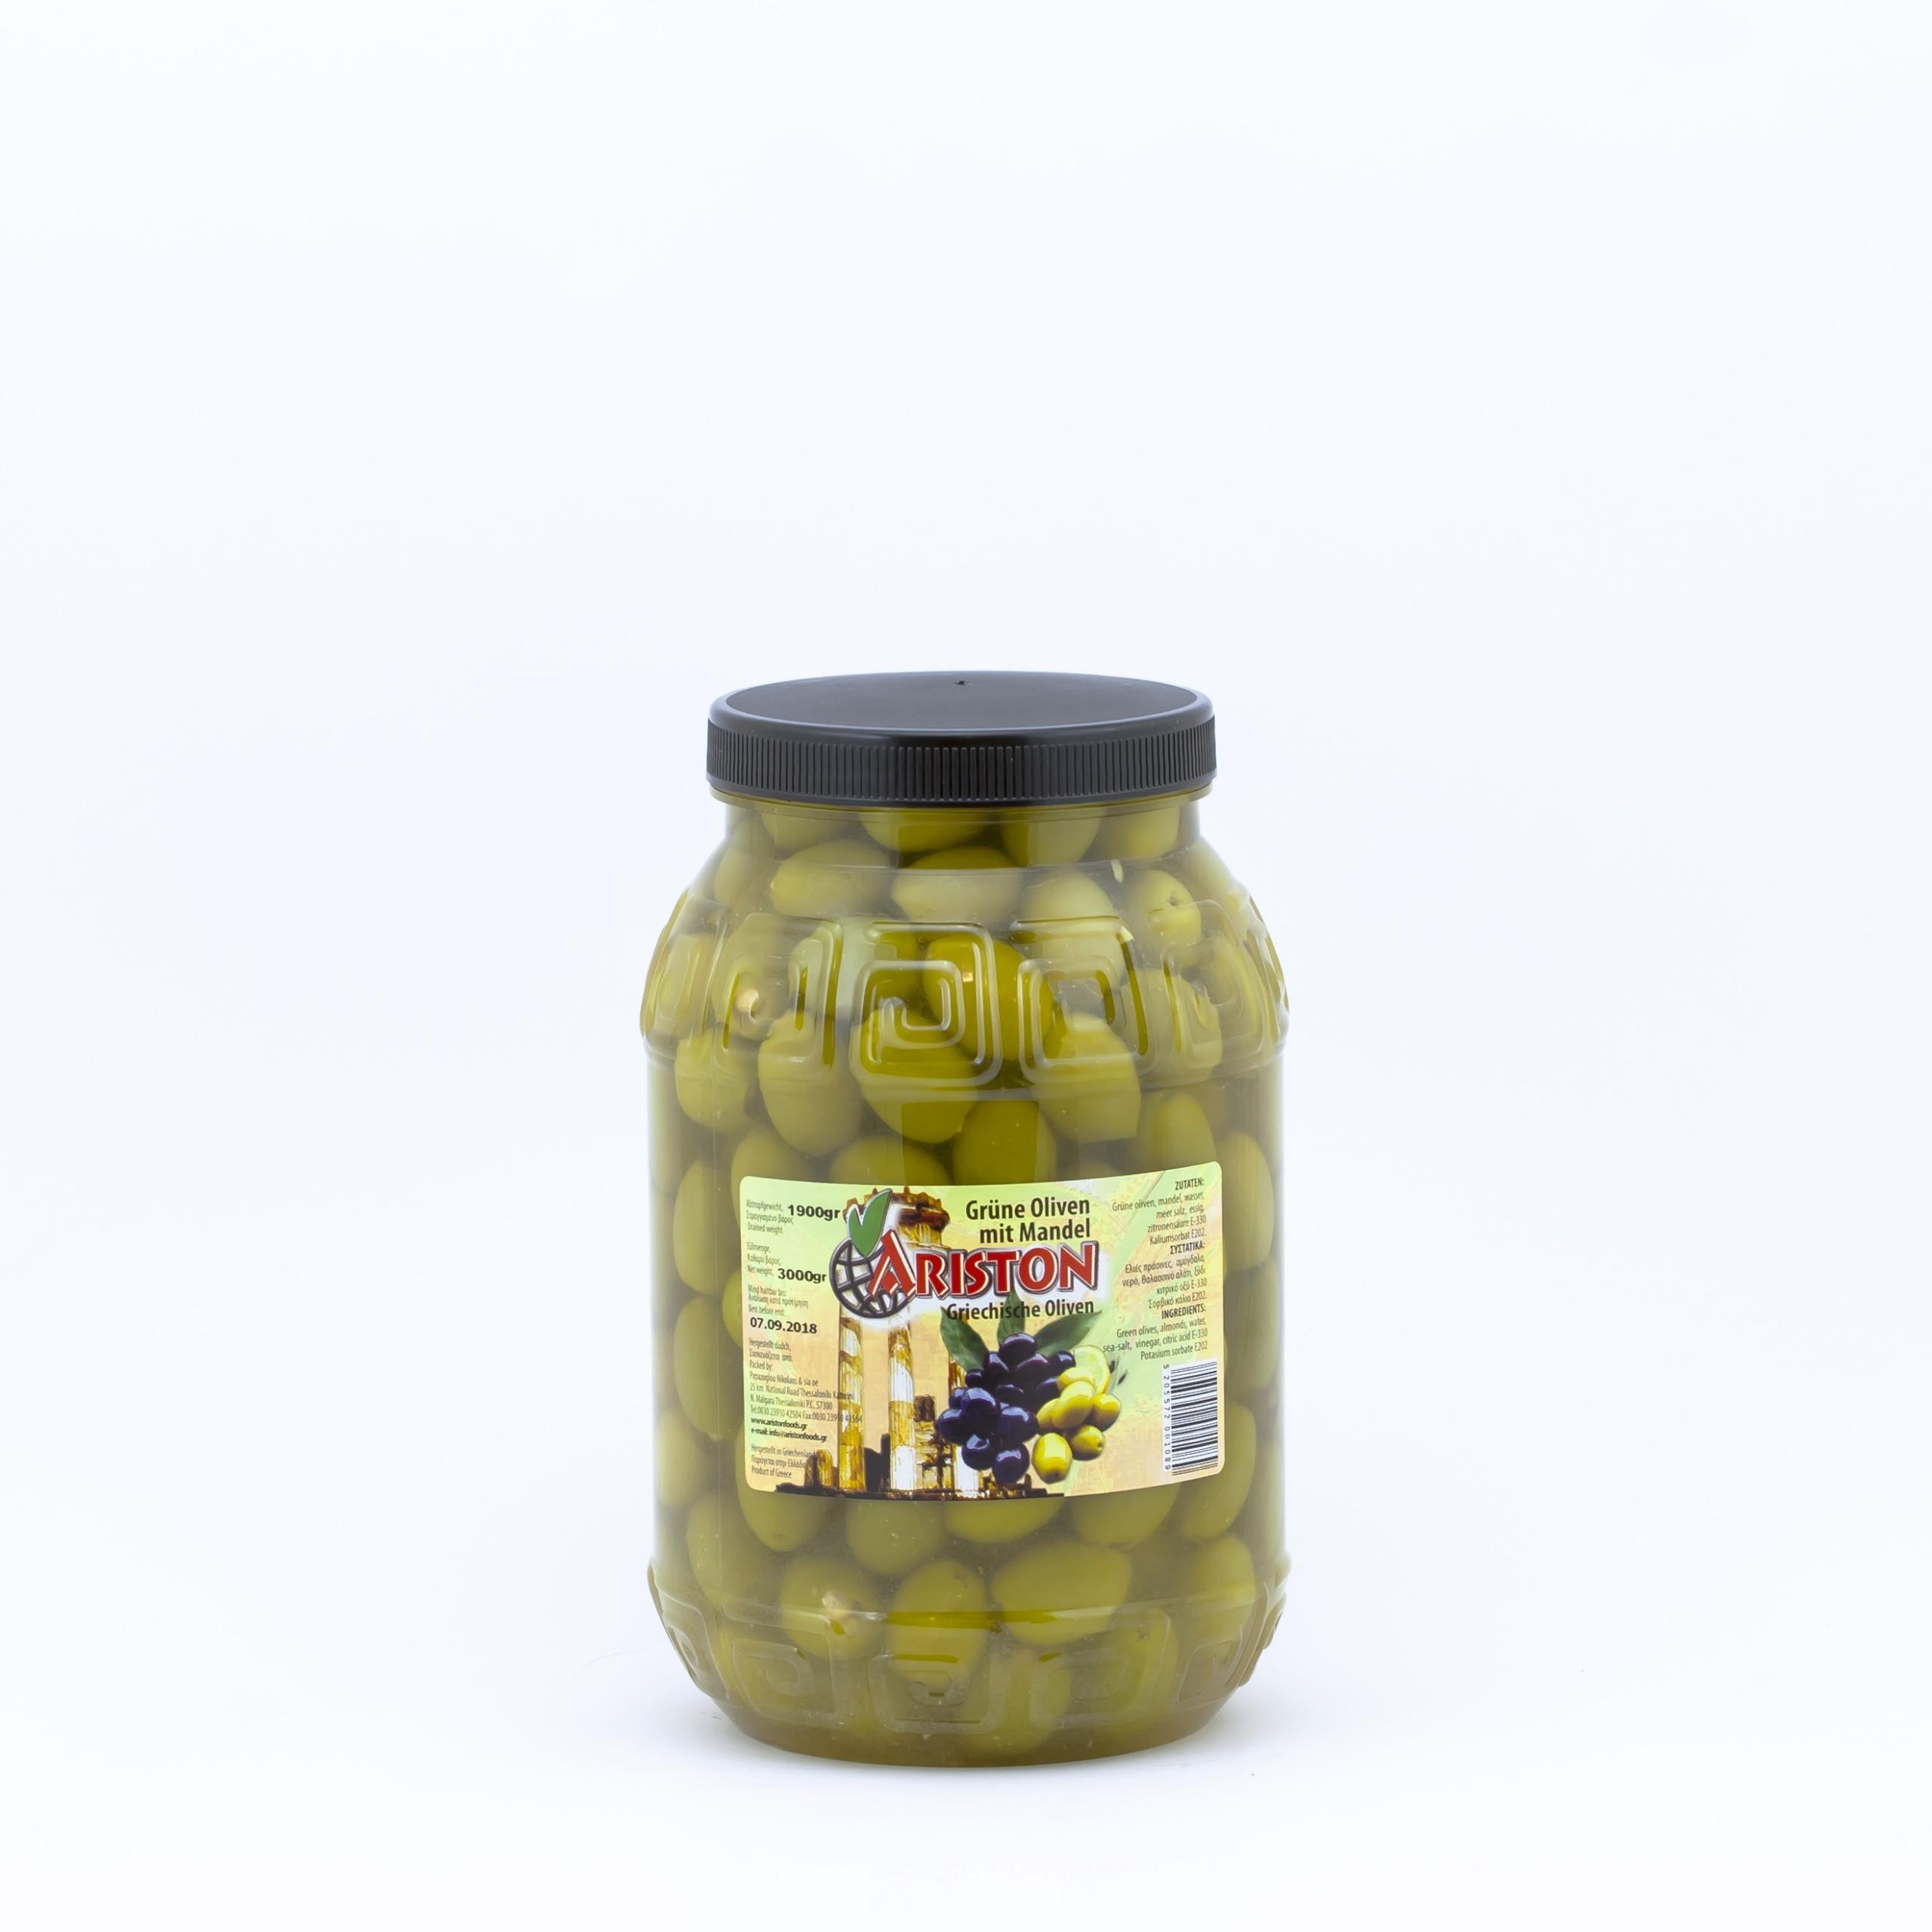 Olivy s mandľami, zelená 1,9 kg netto hmotnosť